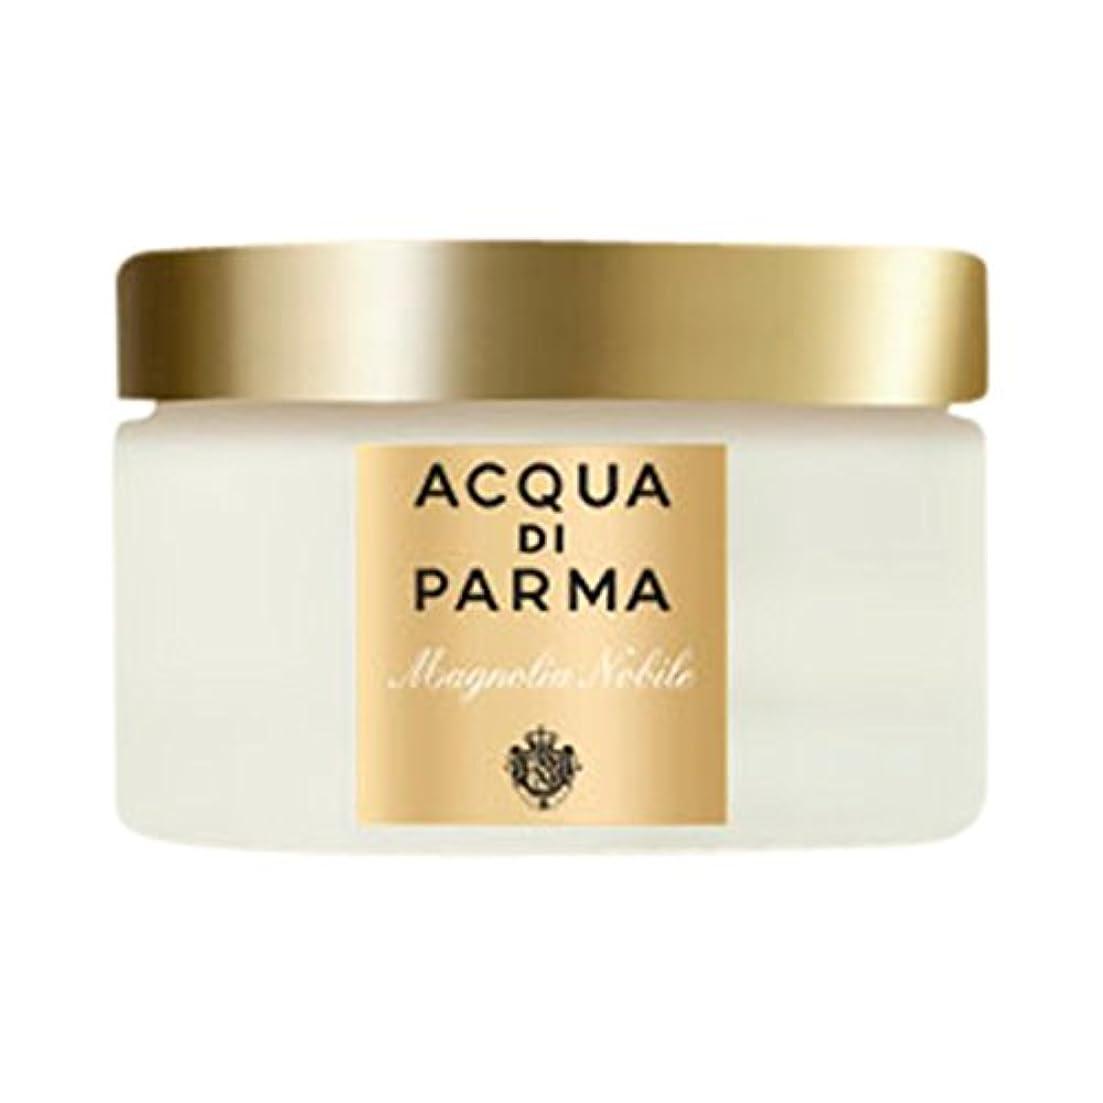 外側ブラウン大胆なボディクリーム150ミリリットルノビルアクア?ディ?パルマモクレン (Acqua di Parma) - Acqua di Parma Magnolia Nobile Body Cream 150ml [並行輸入品]